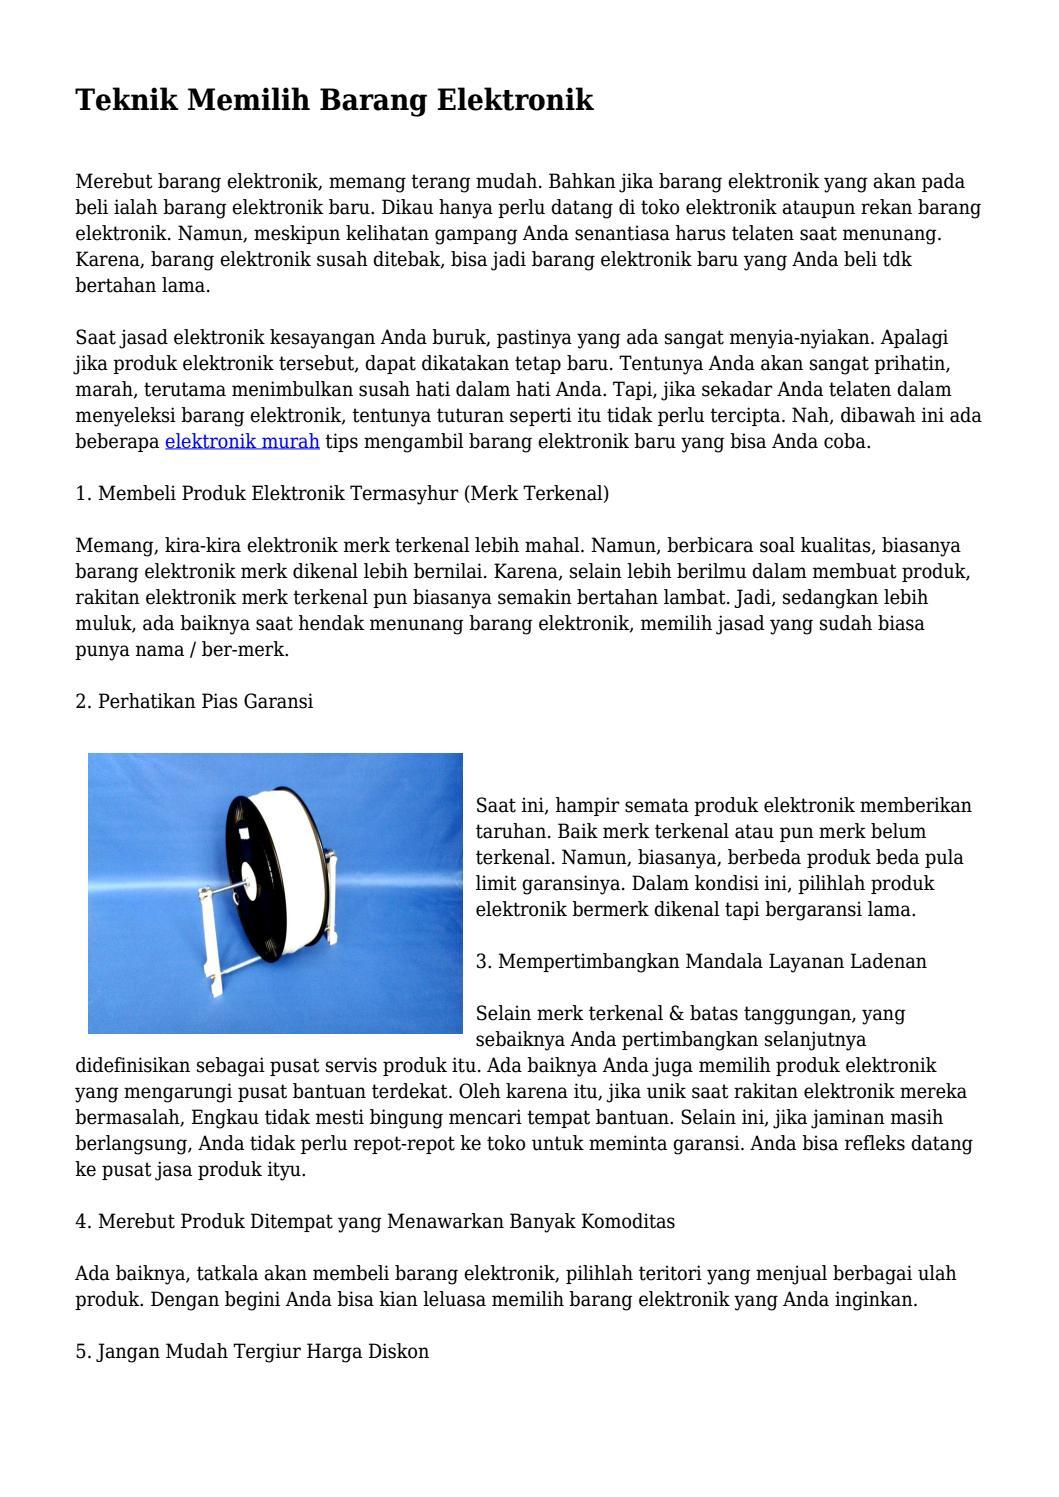 Teknik Memilih Barang Elektronik... by buzzgayahidupdeal - issuu 77a09cf454